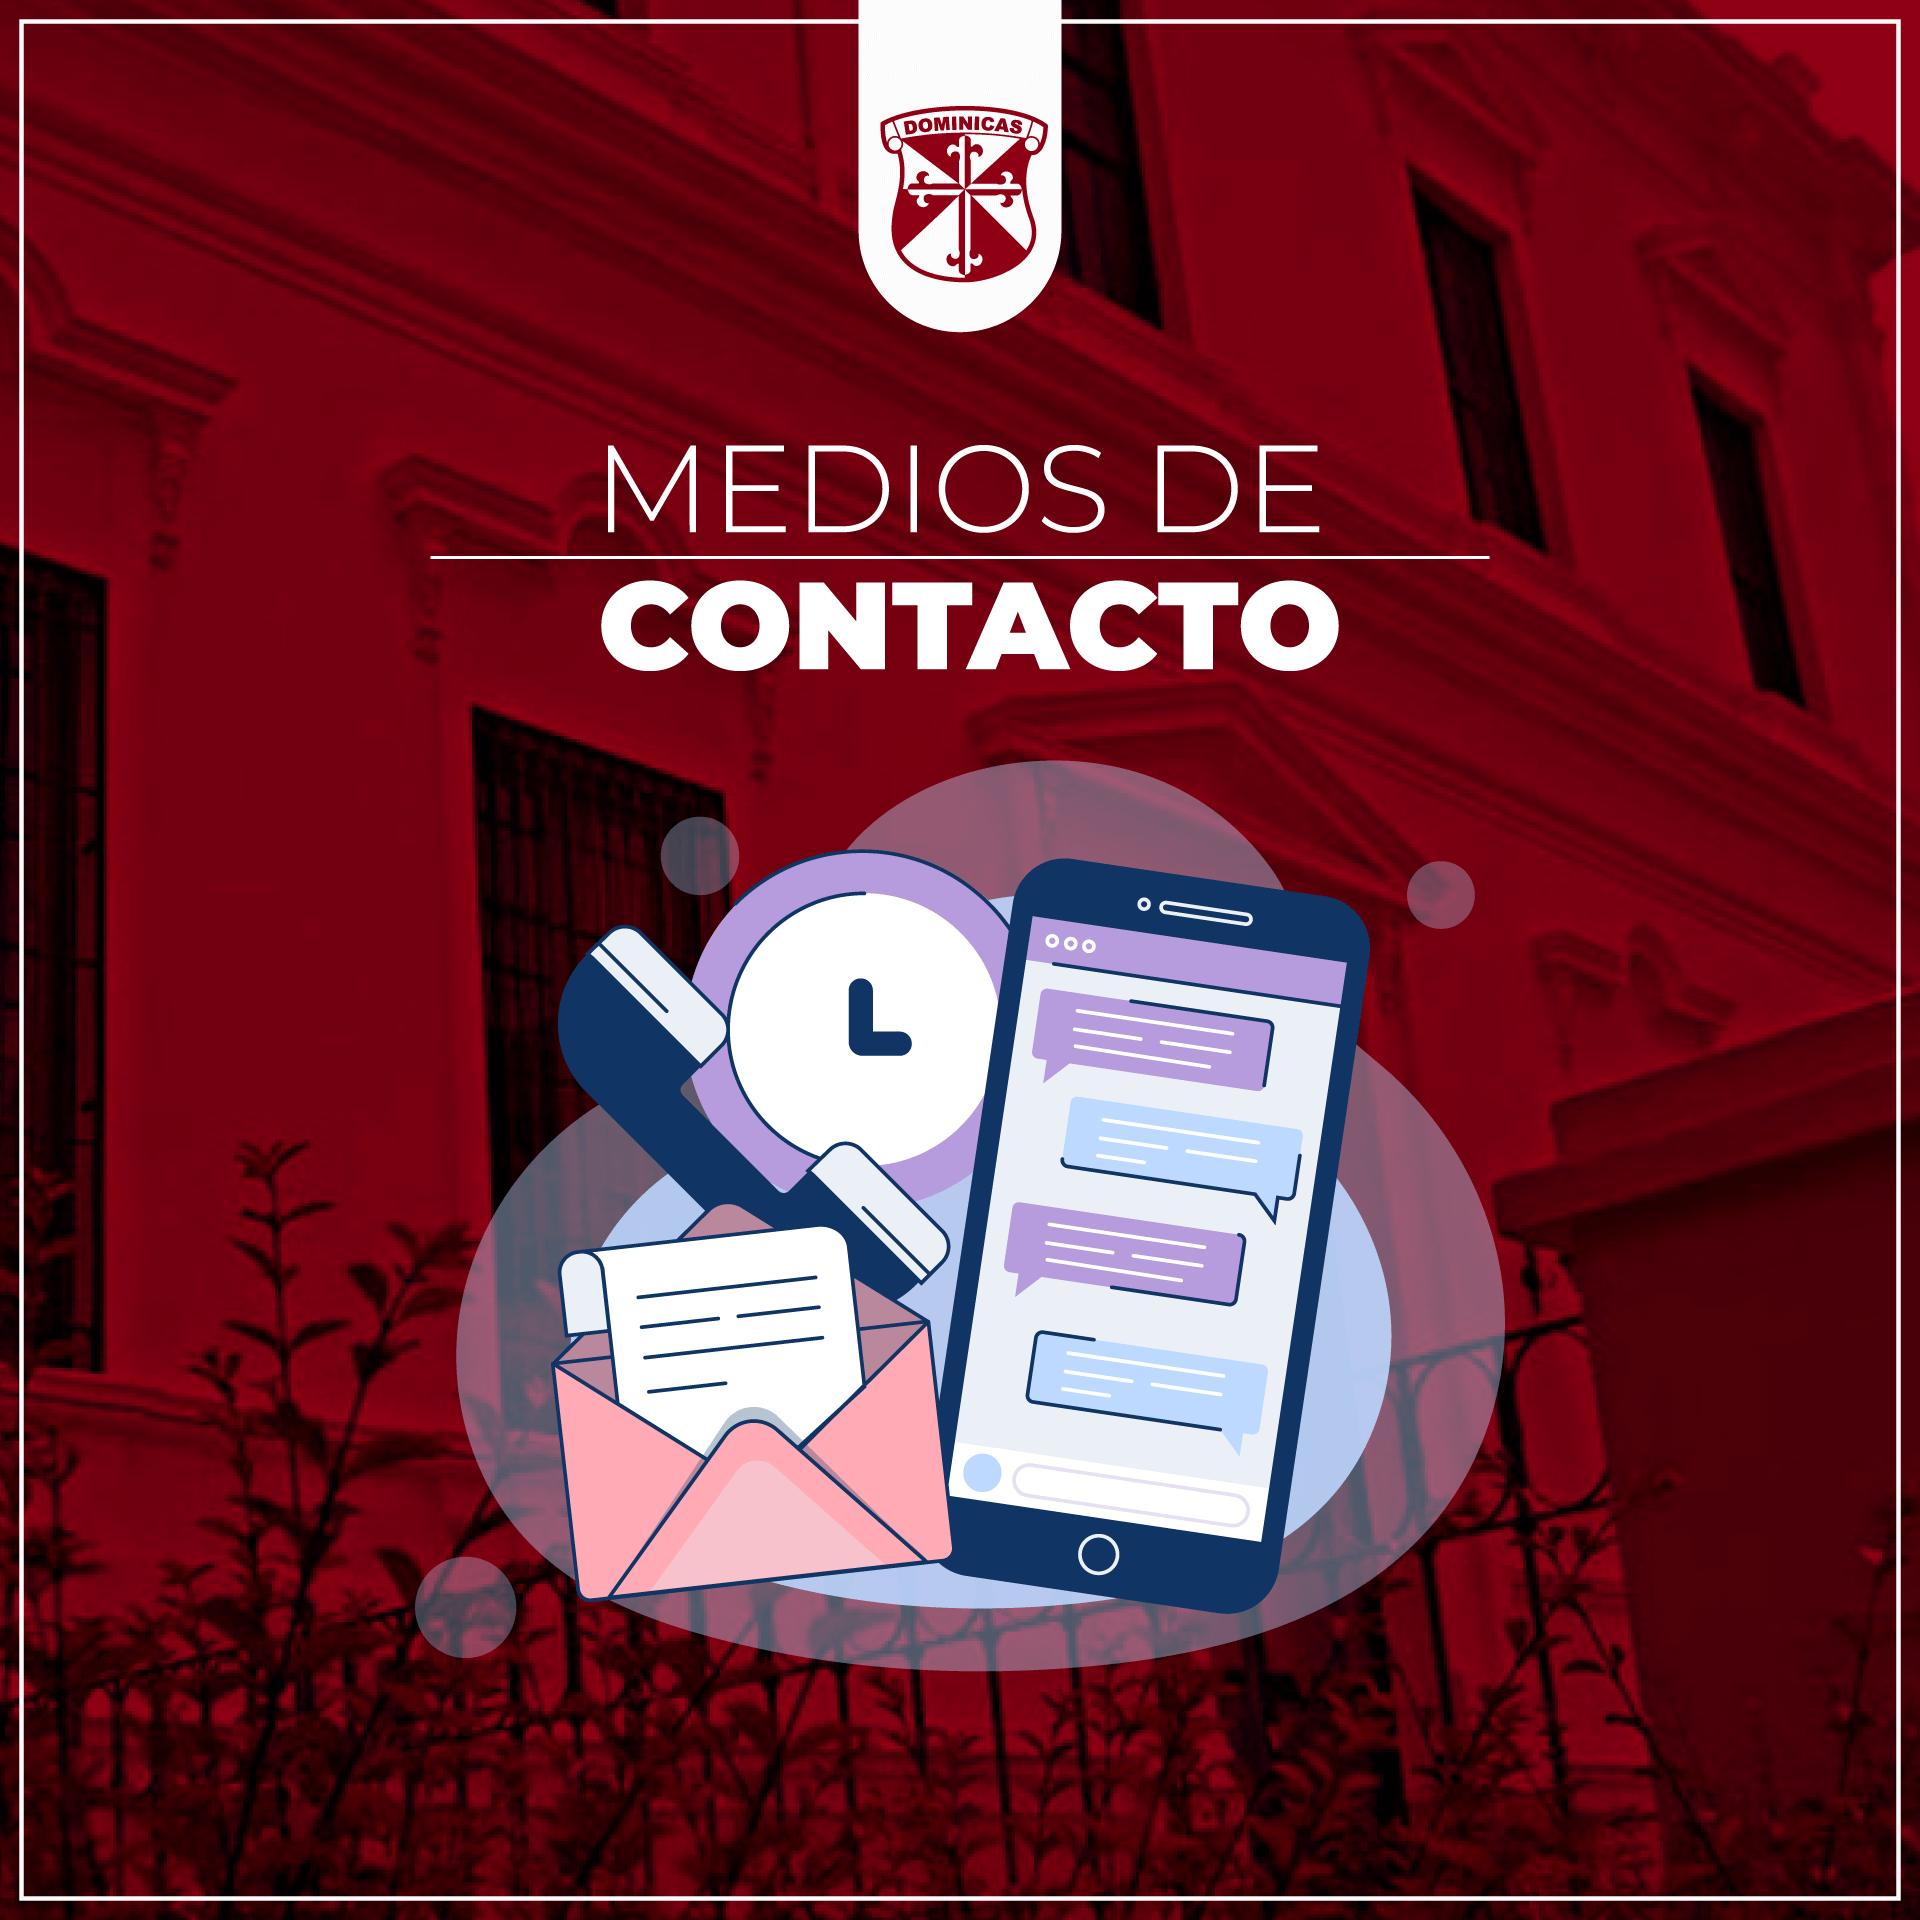 Medios de contacto: